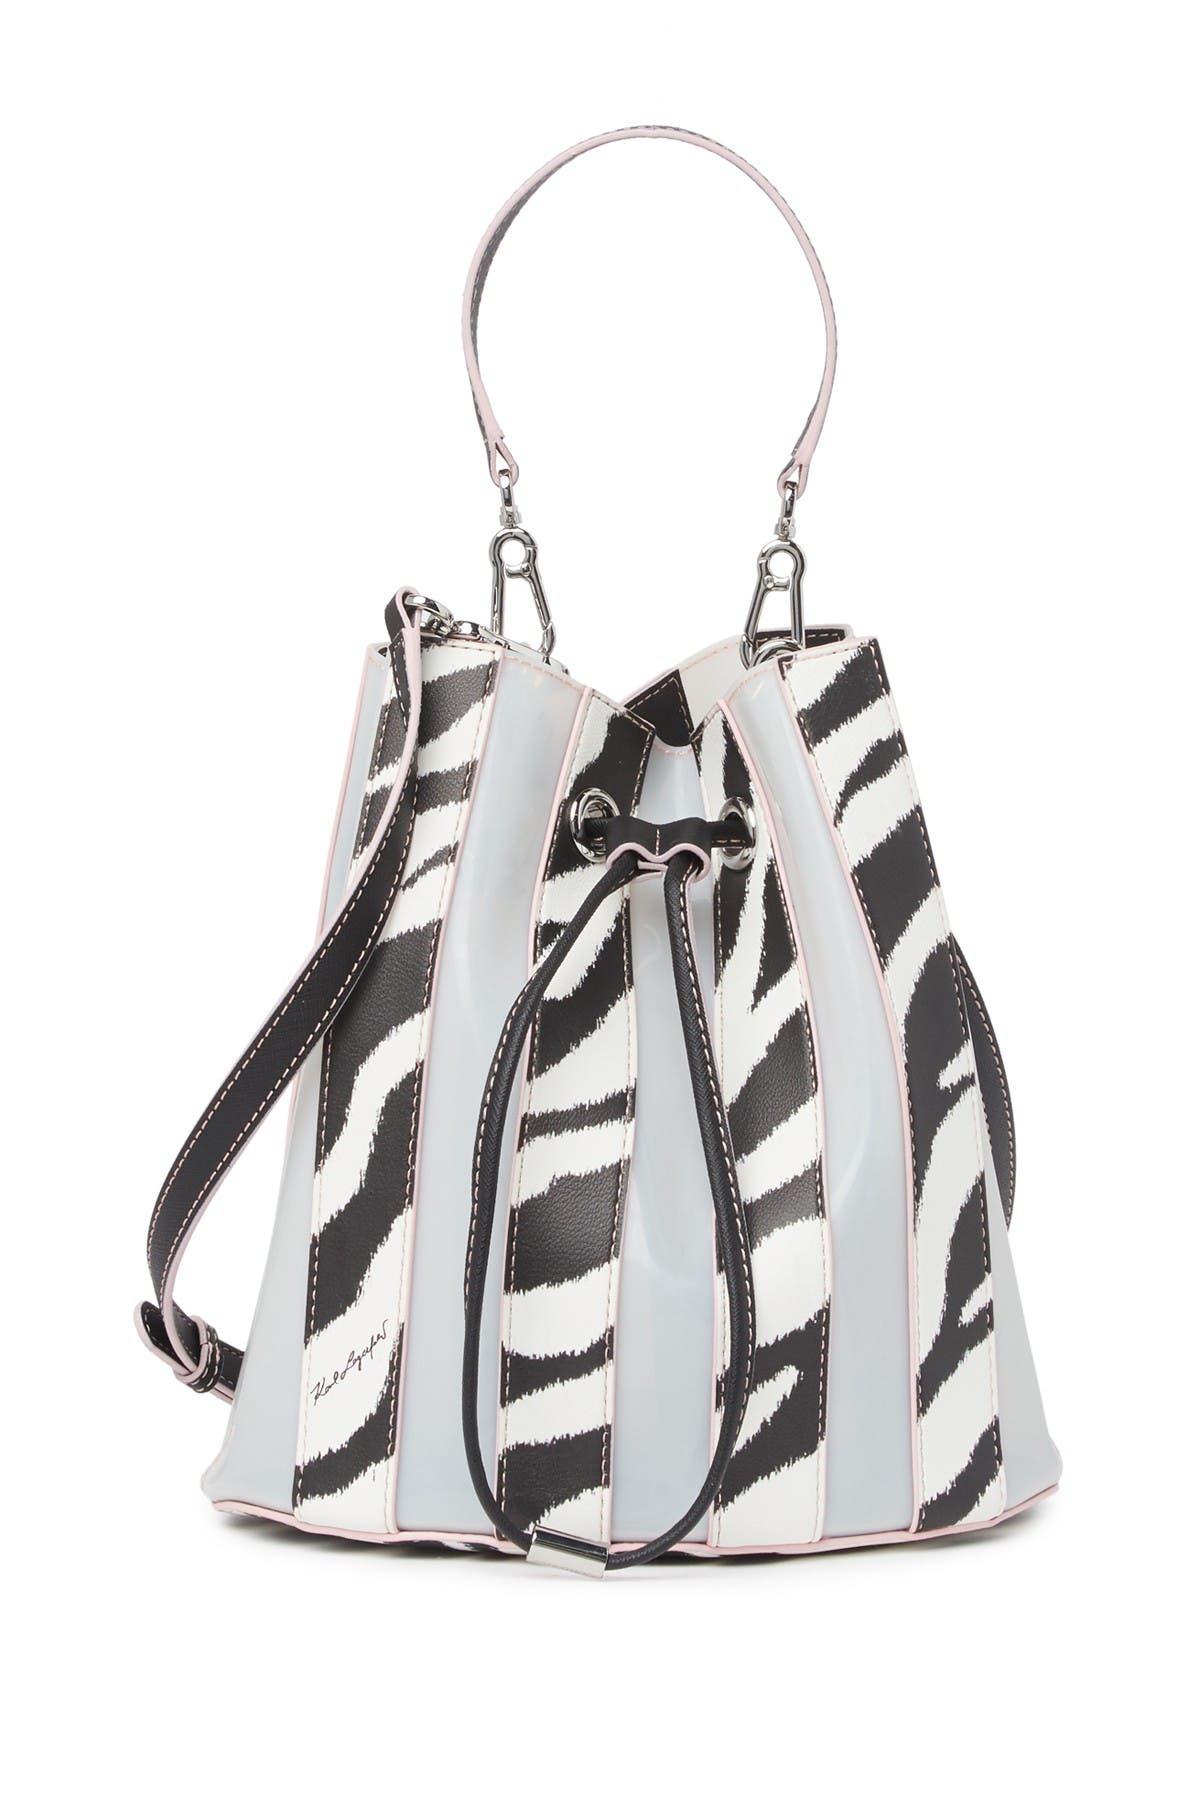 Image of Karl Lagerfeld Paris Adele Bucket Bag